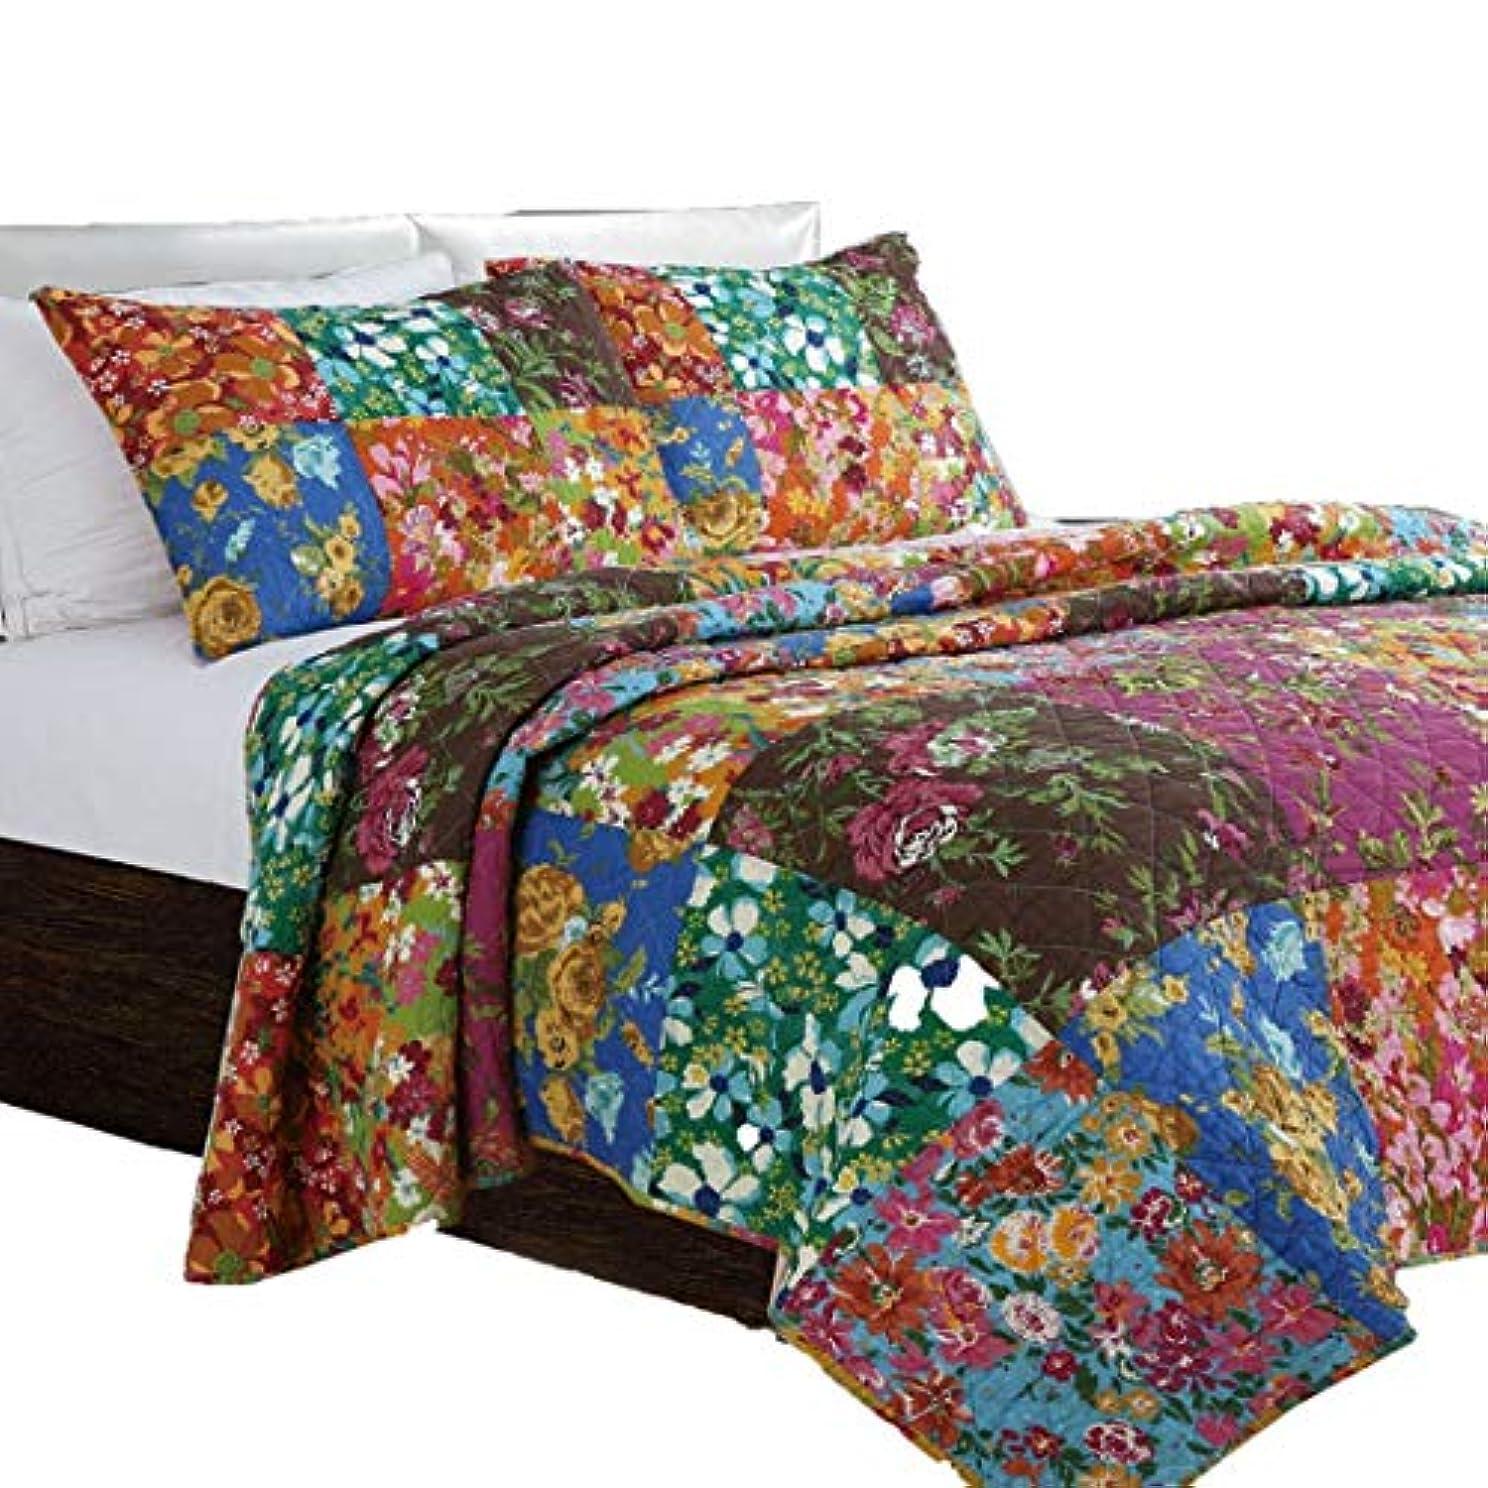 トピック肯定的ハッピーGilibibe キルティングキルト、ベッド カバー コットン 3ピース ハンド ステッチキルティング シート 高級 ベッド シート セット (色 : Multicolor)